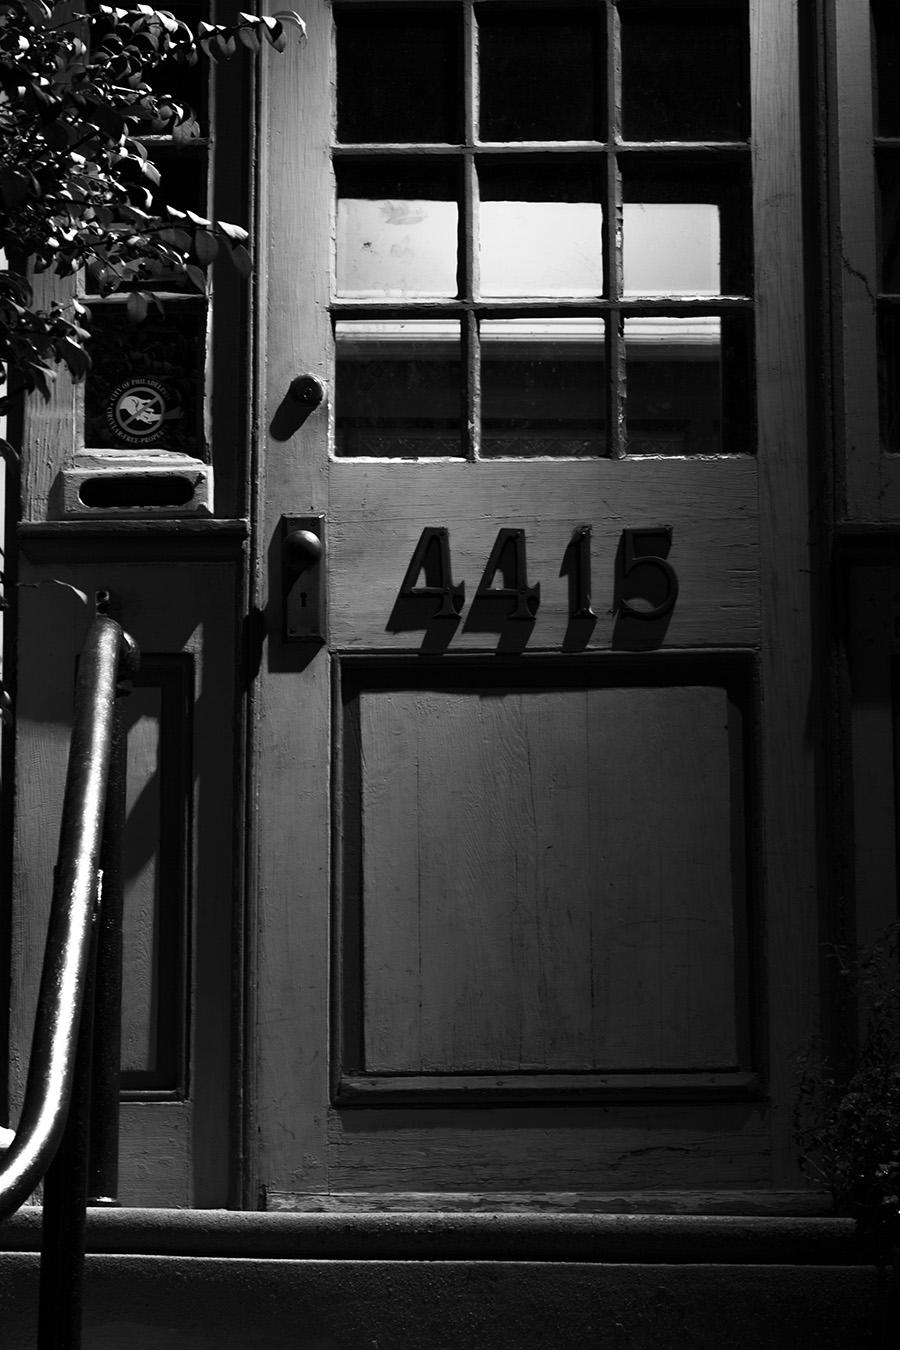 Jesse_Halpern_Still_Life_Porch_Door_Adress_NIght